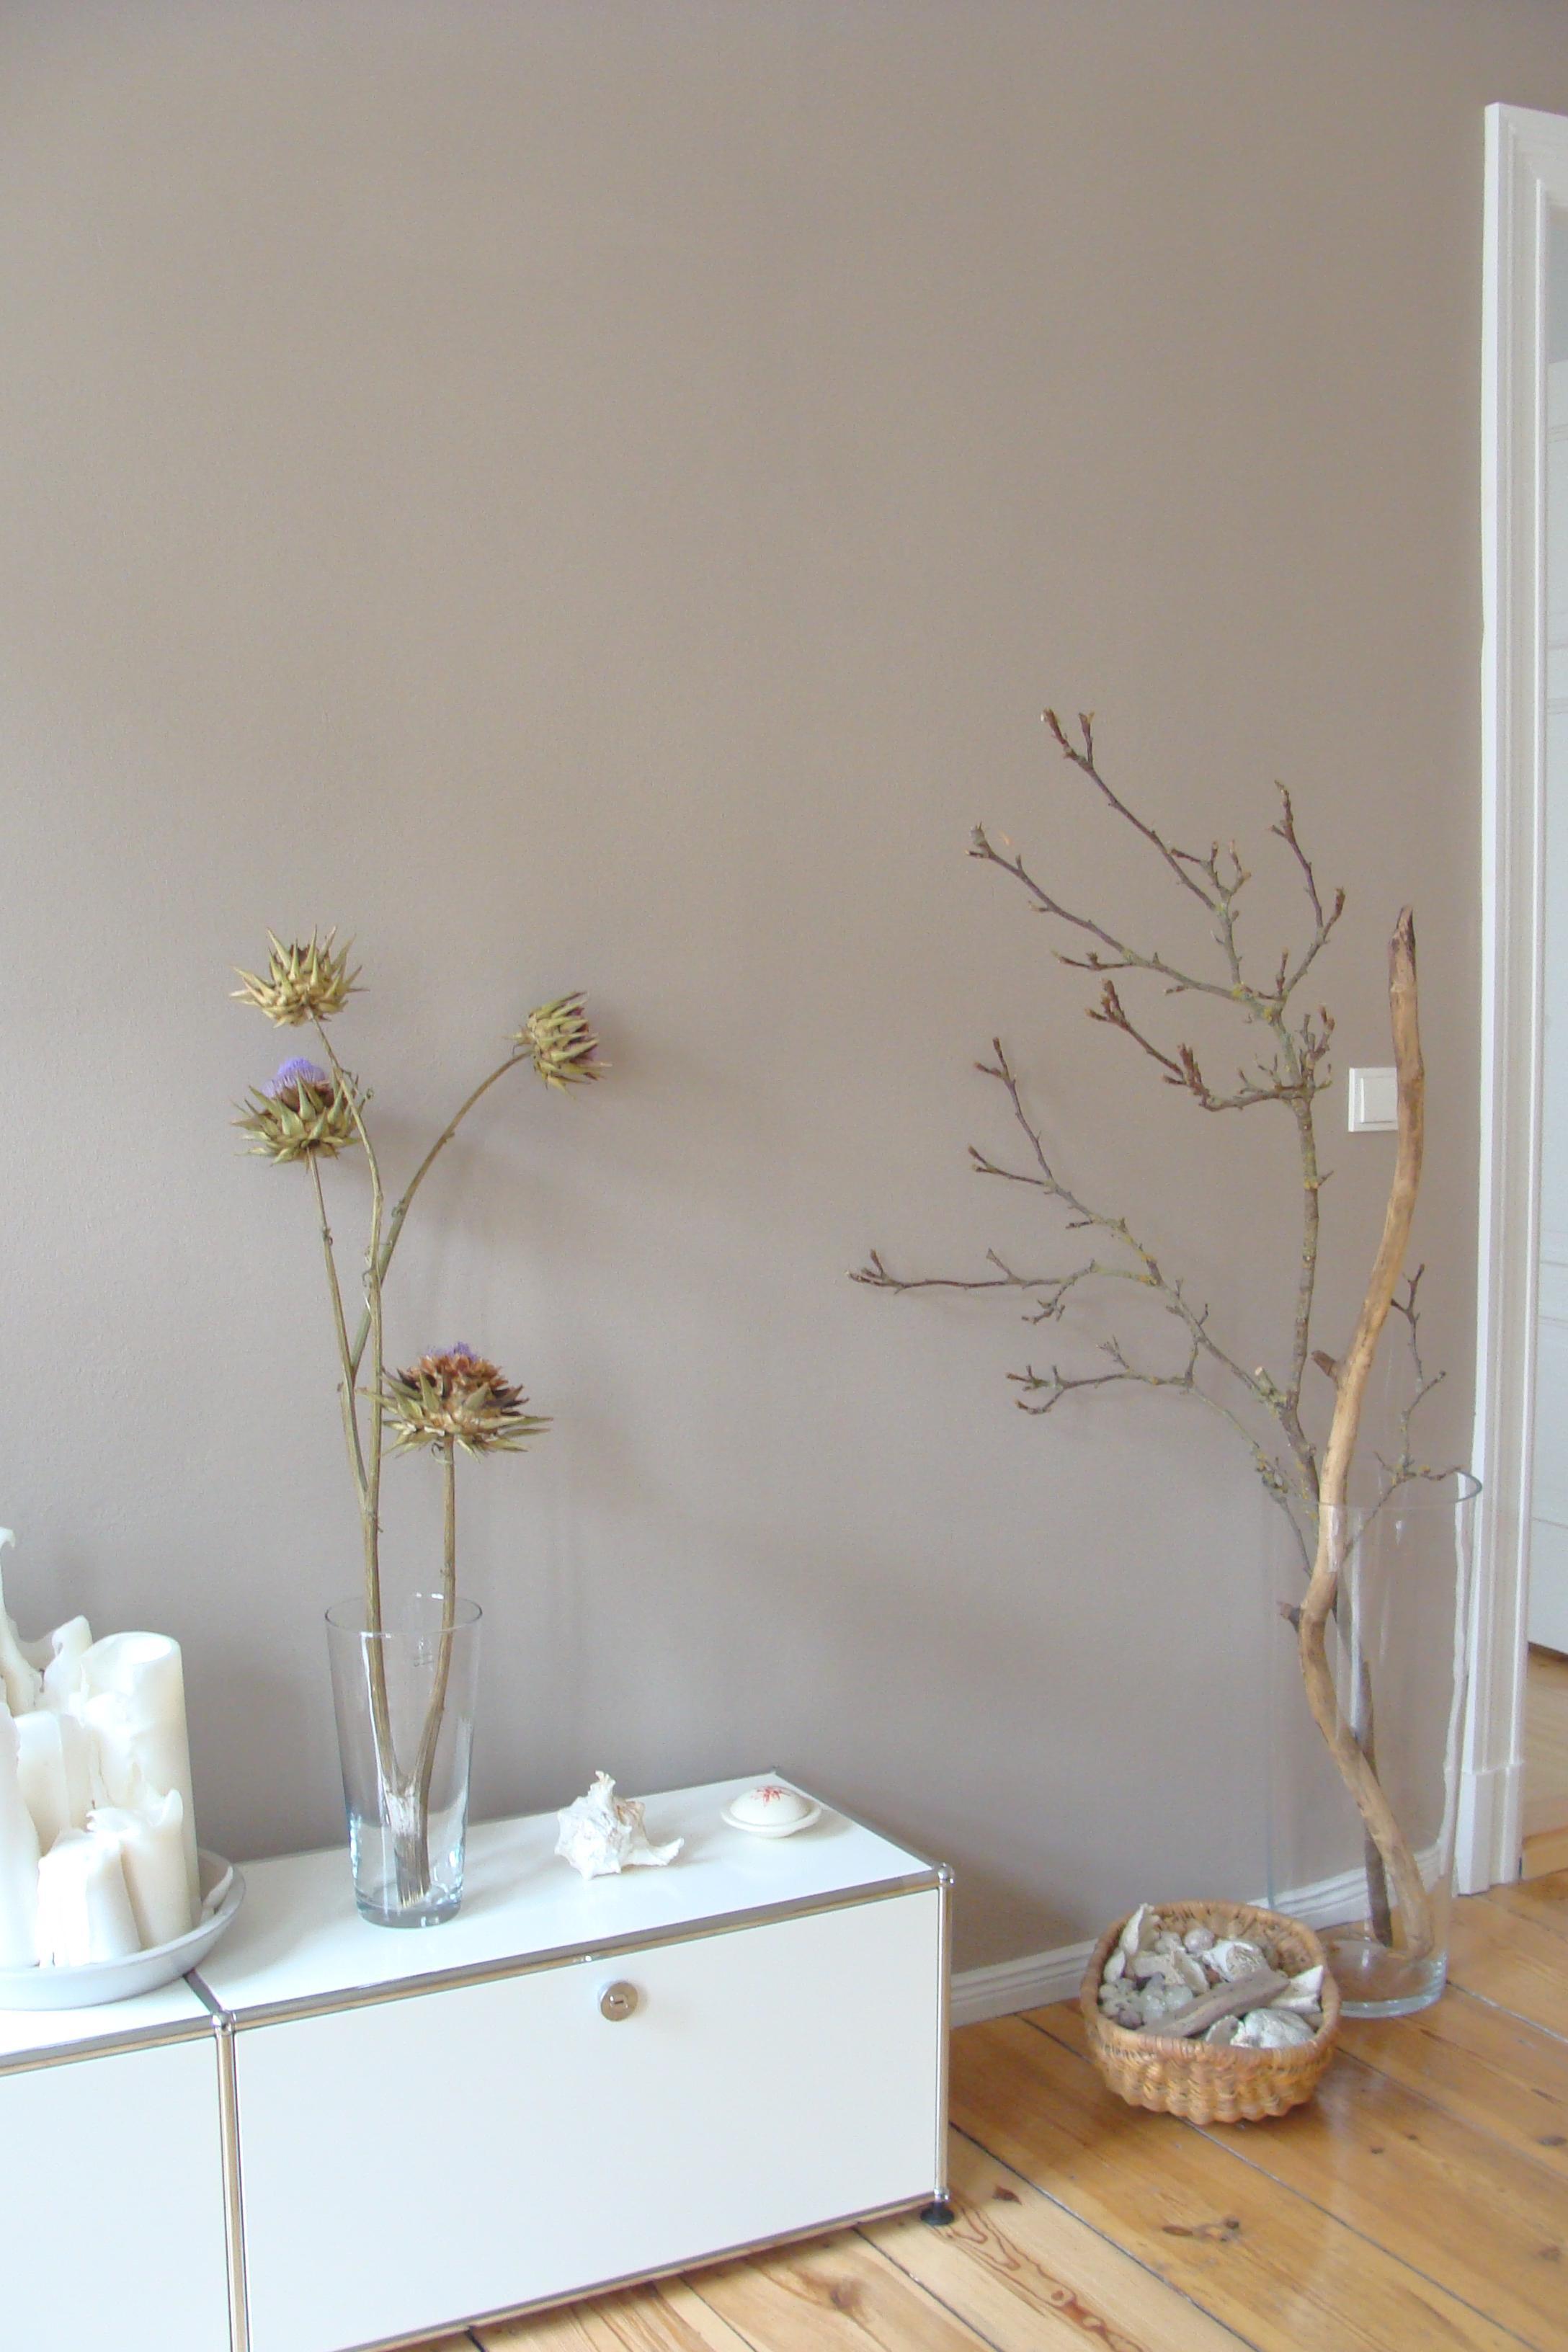 Pflanzendeko Vor Sandfarbener Wand #wohnzimmer #pflanzendeko ©Mareike Kühn  Interior Stylist U0026amp; Visual